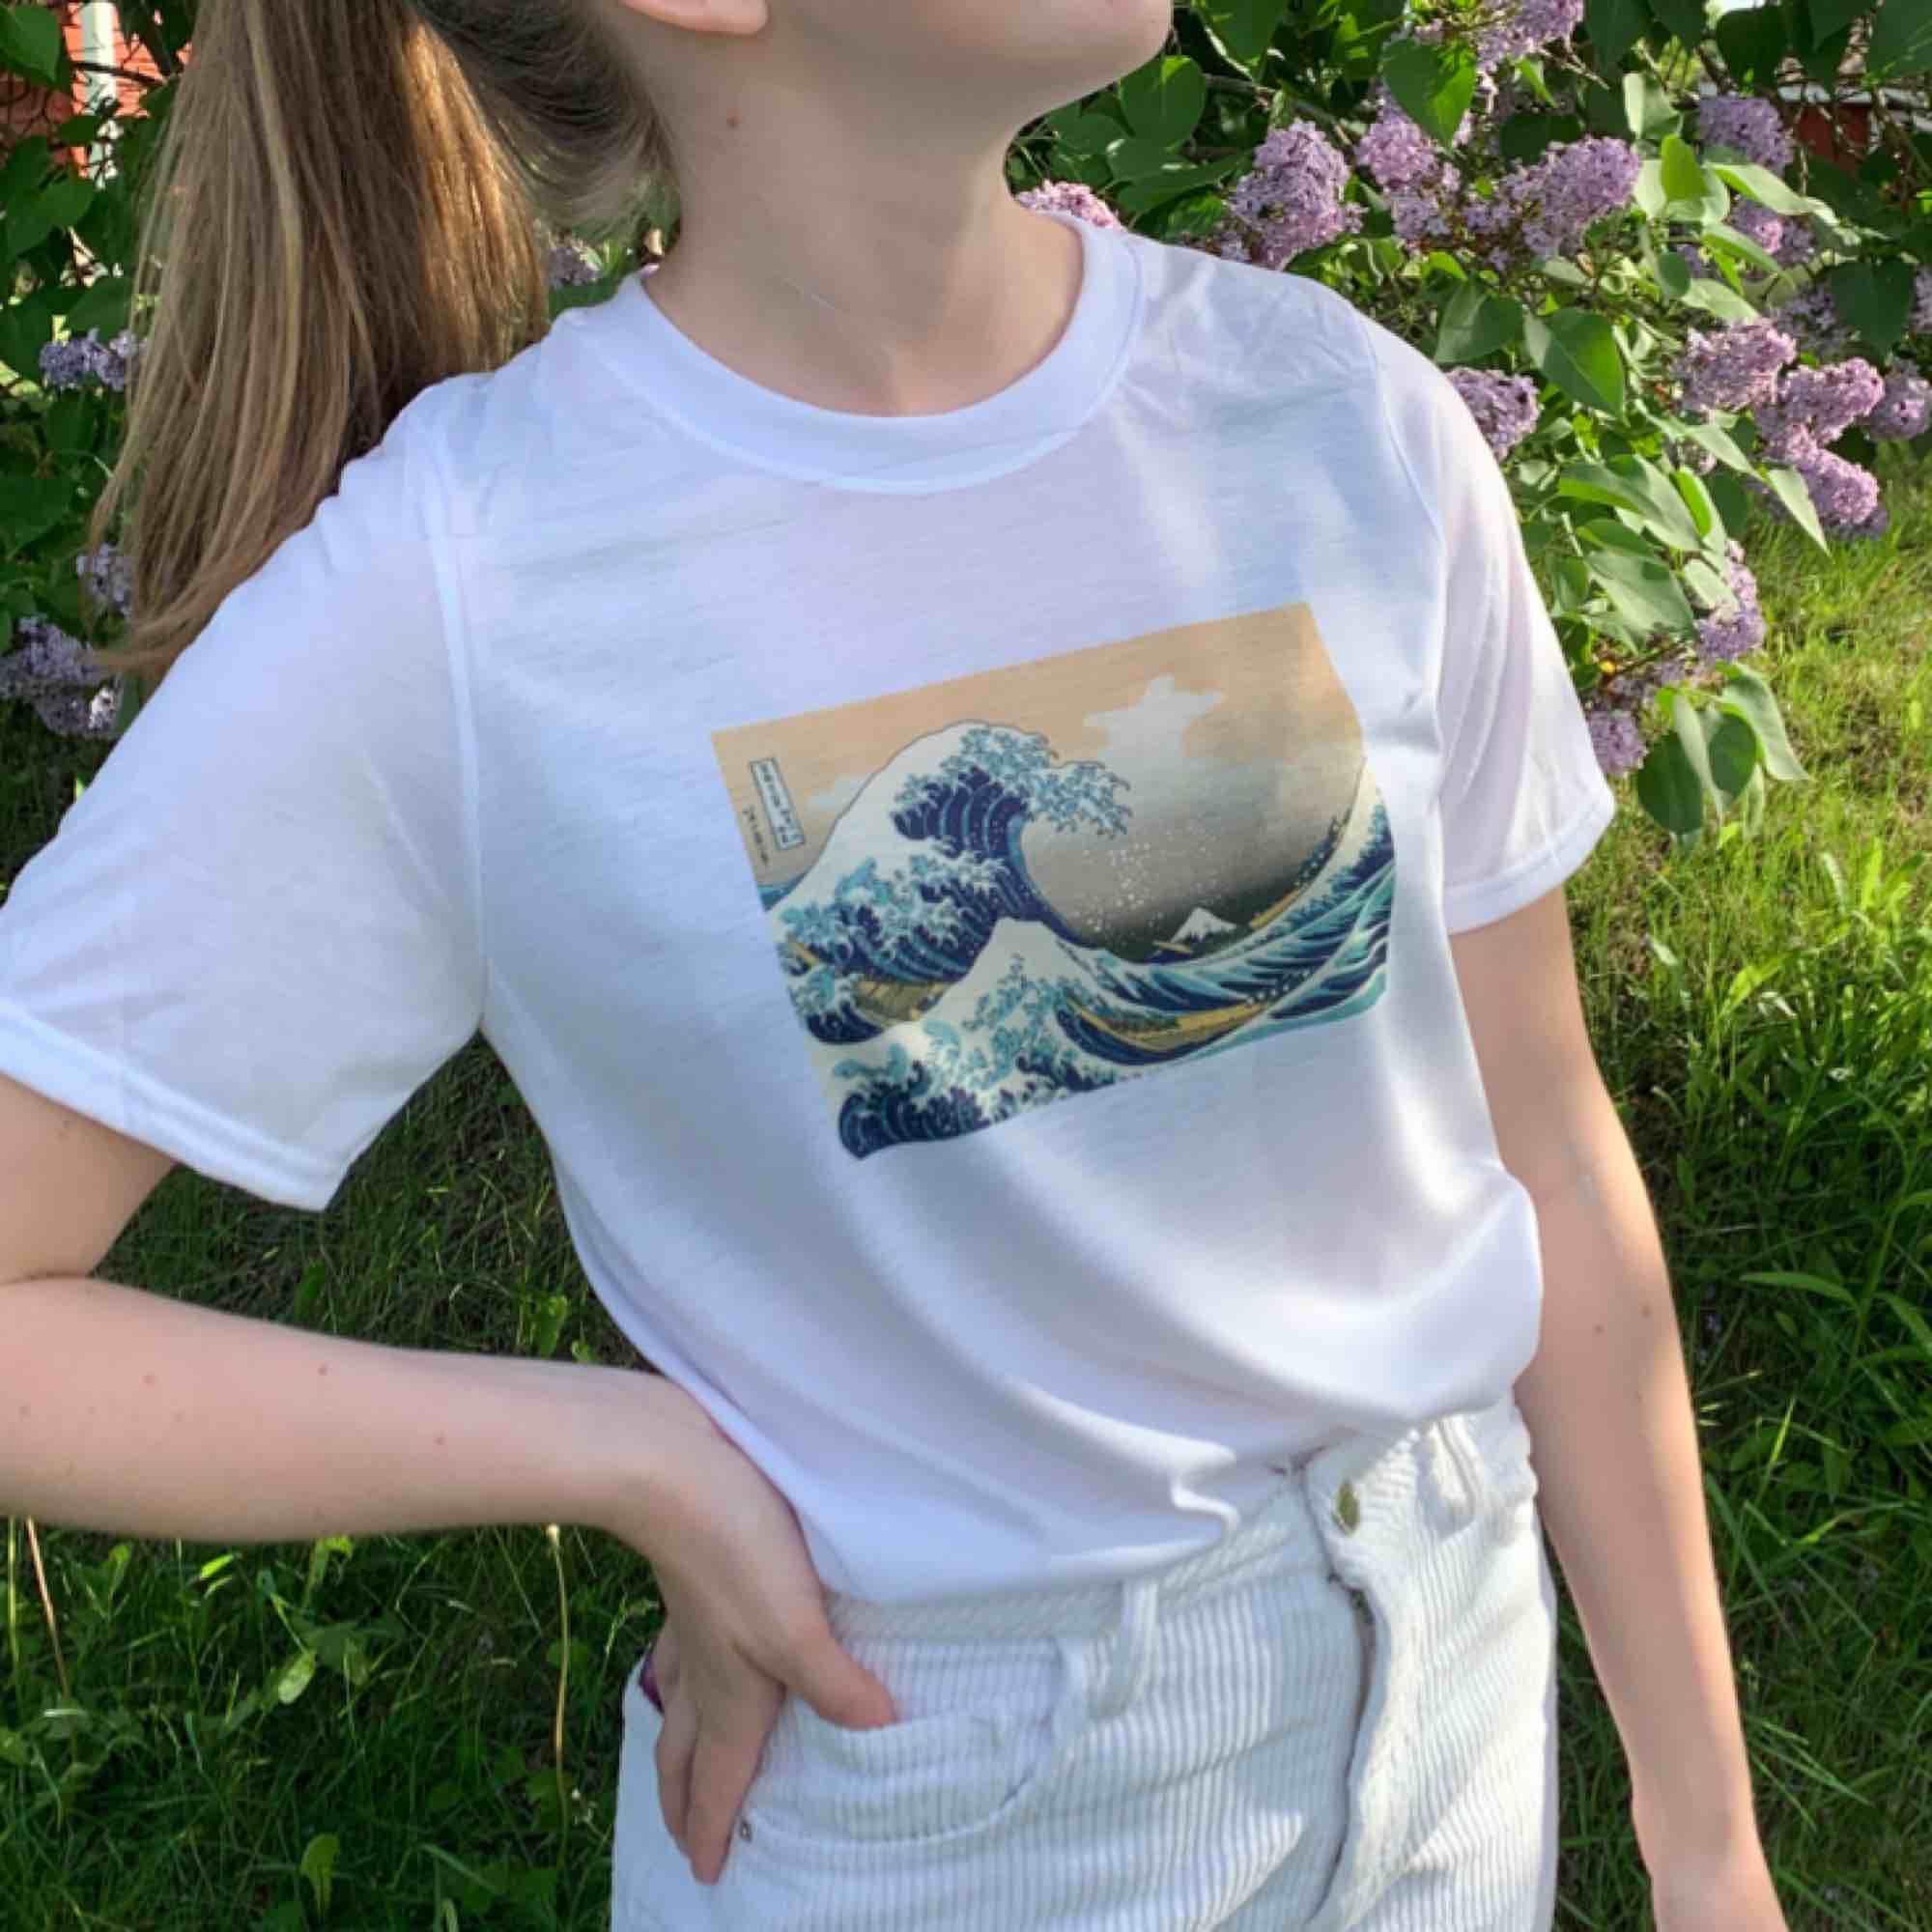 Finns i S-L i en unisex modell  Kontaka via plick eller maila theteeandtee@gmail.com för att beställa, önska egna tryck eller ställa frågor  Betalning sker via swish  Fraktar över hela landet, GRATIS frakt & inga returer  249kr styck inklusive frakt. T-shirts.